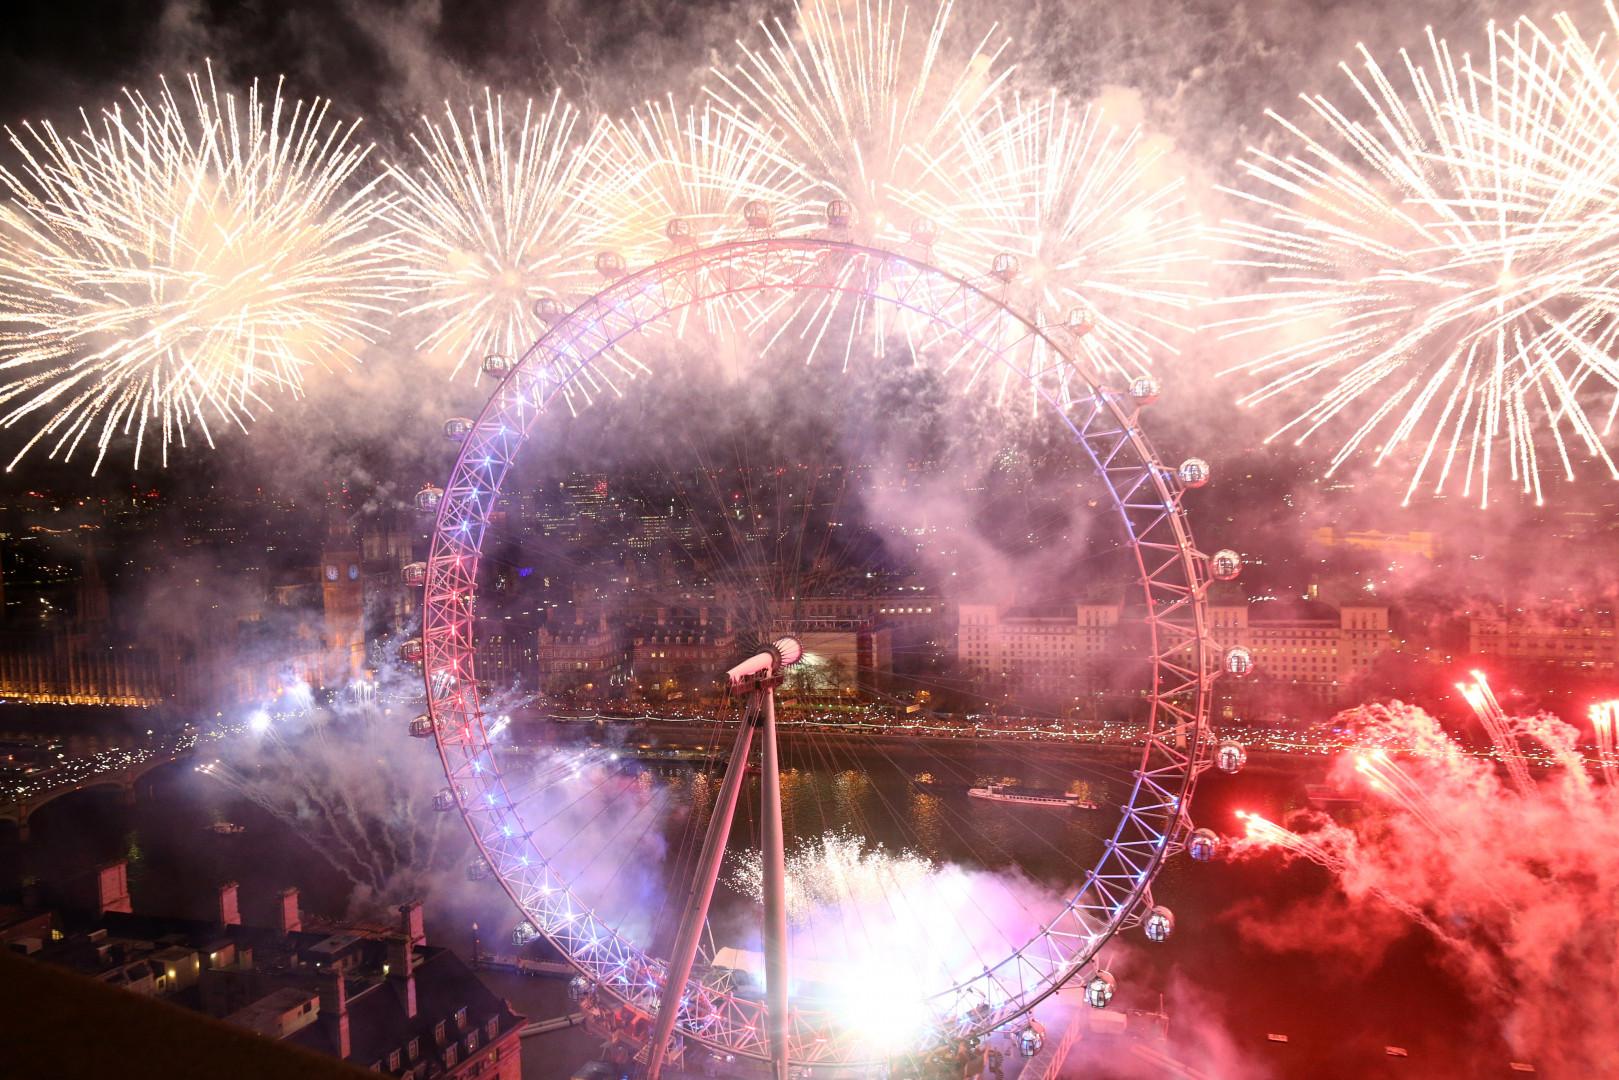 Les feux d'artifice pour le Nouvel An autour de London Eye, le 1er janvier 2016